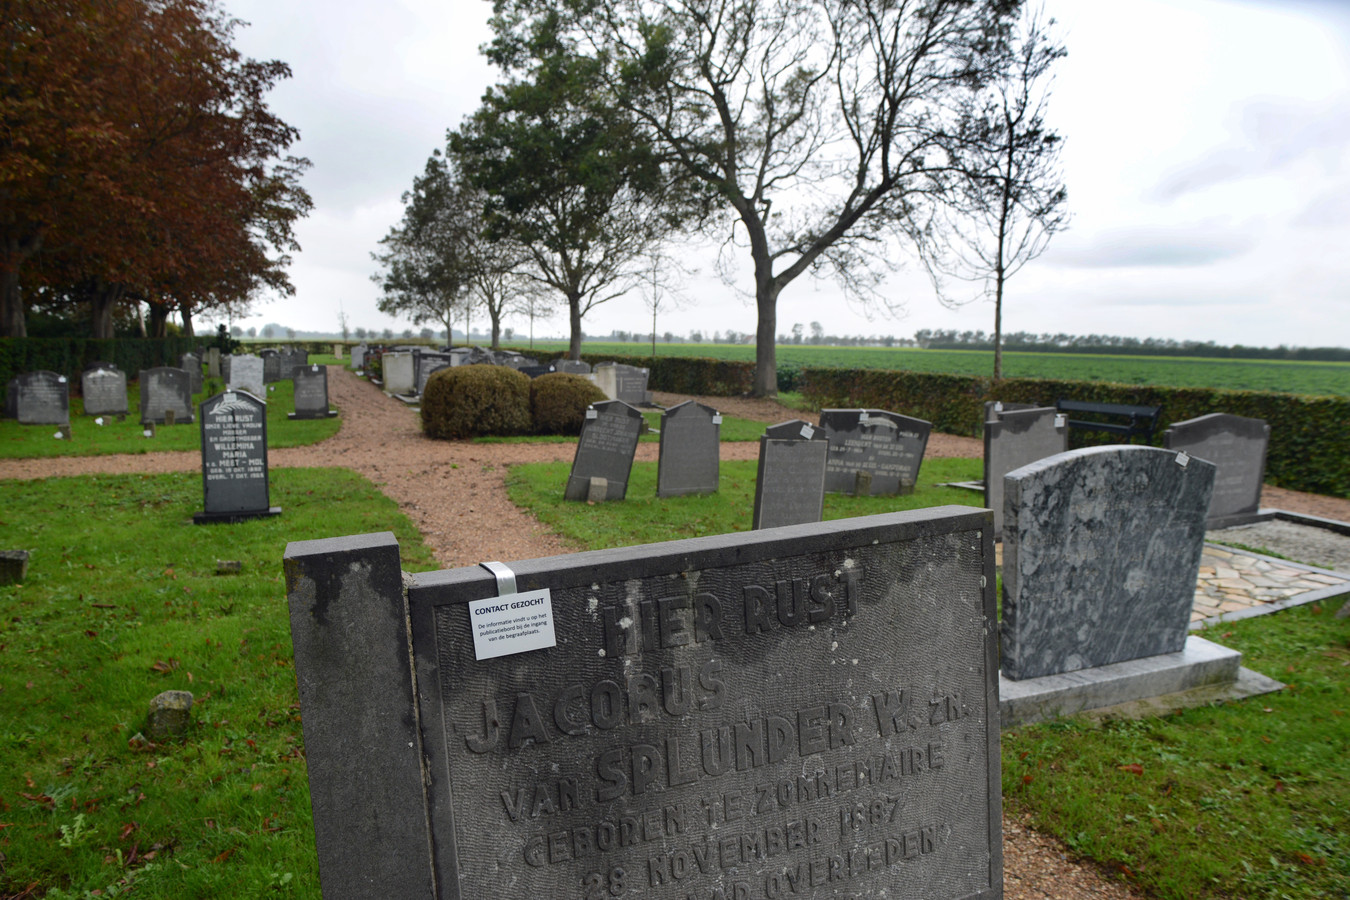 Op de begraafplaats in Zonnemaire staan bordjes waarmee rechthebbenden worden opgeroepen contact op te nemen met de gemeente. Eerder speelde ditzelfde ook al in Bruinisse.